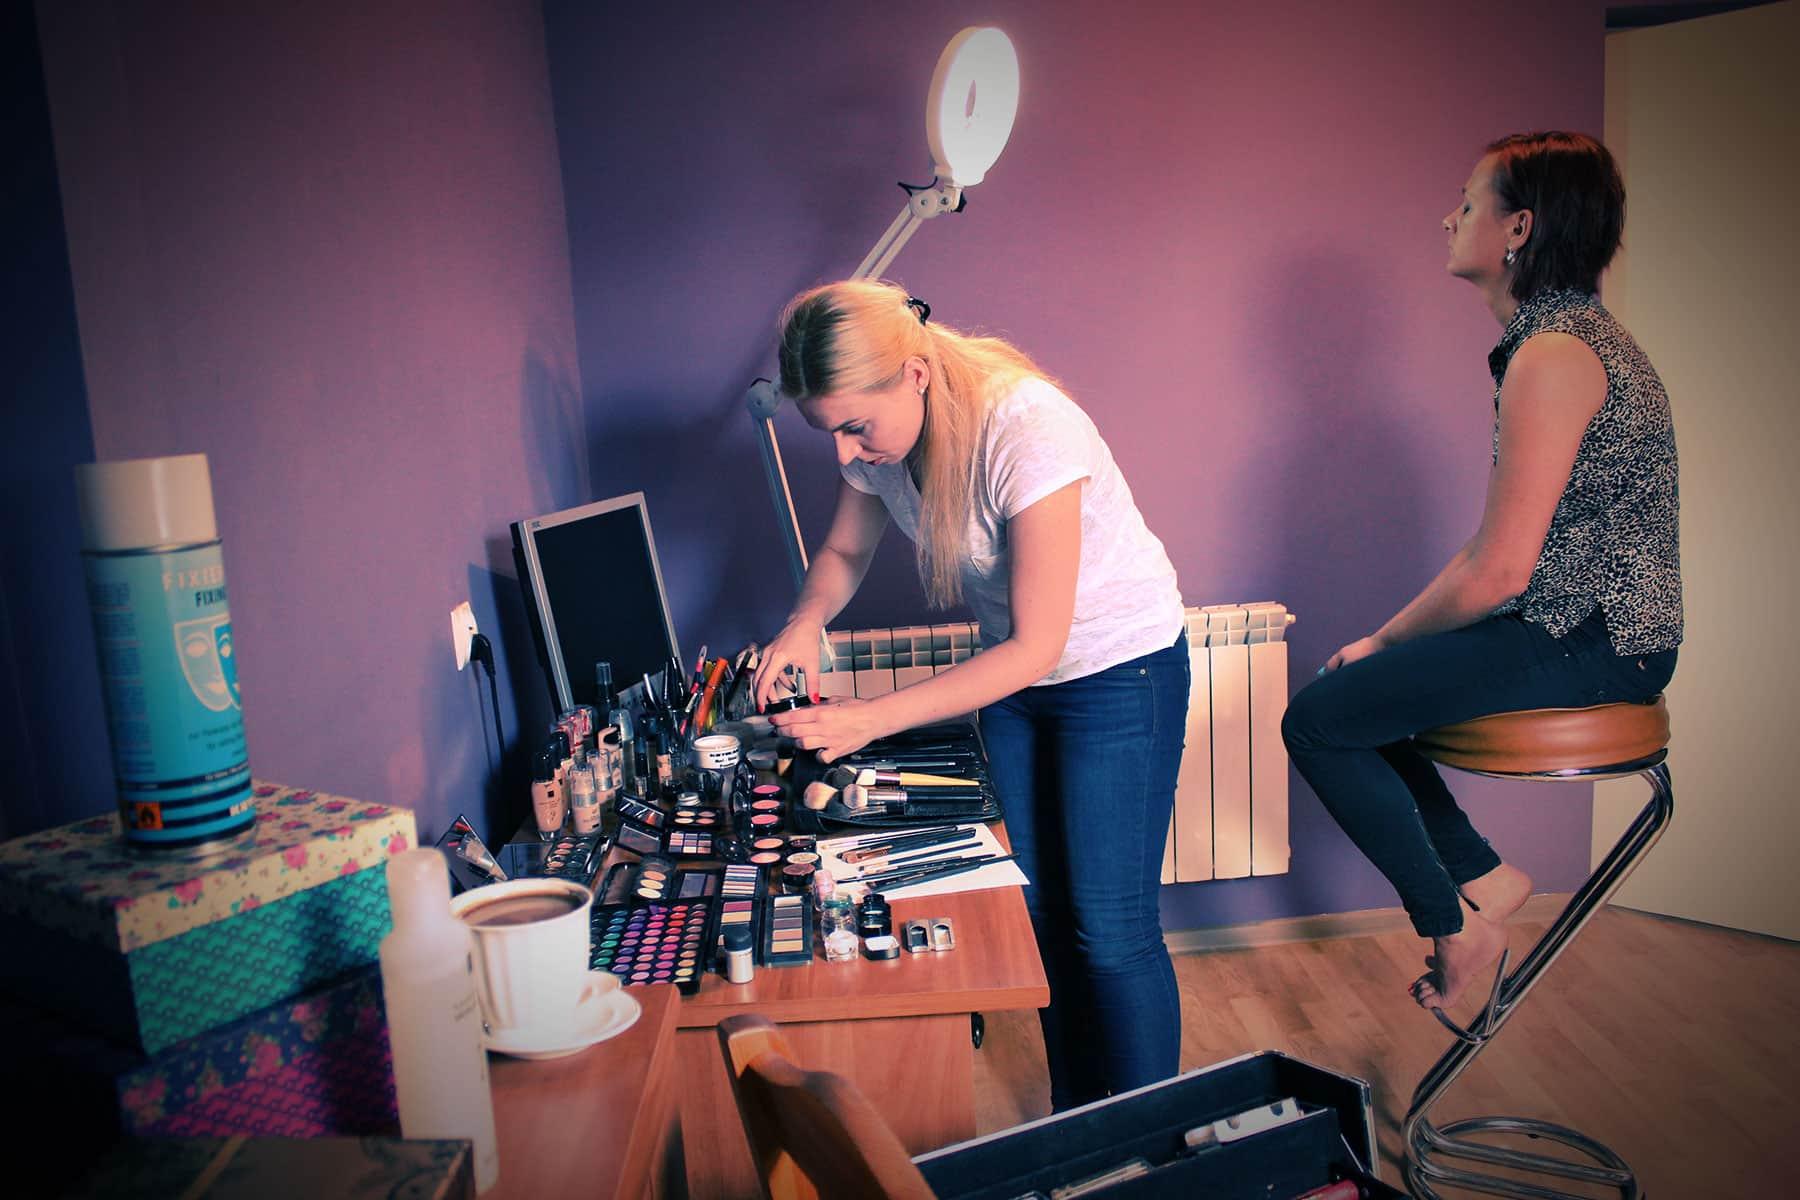 Przygotowania do makijażu dla Justyny na ślub siostry.